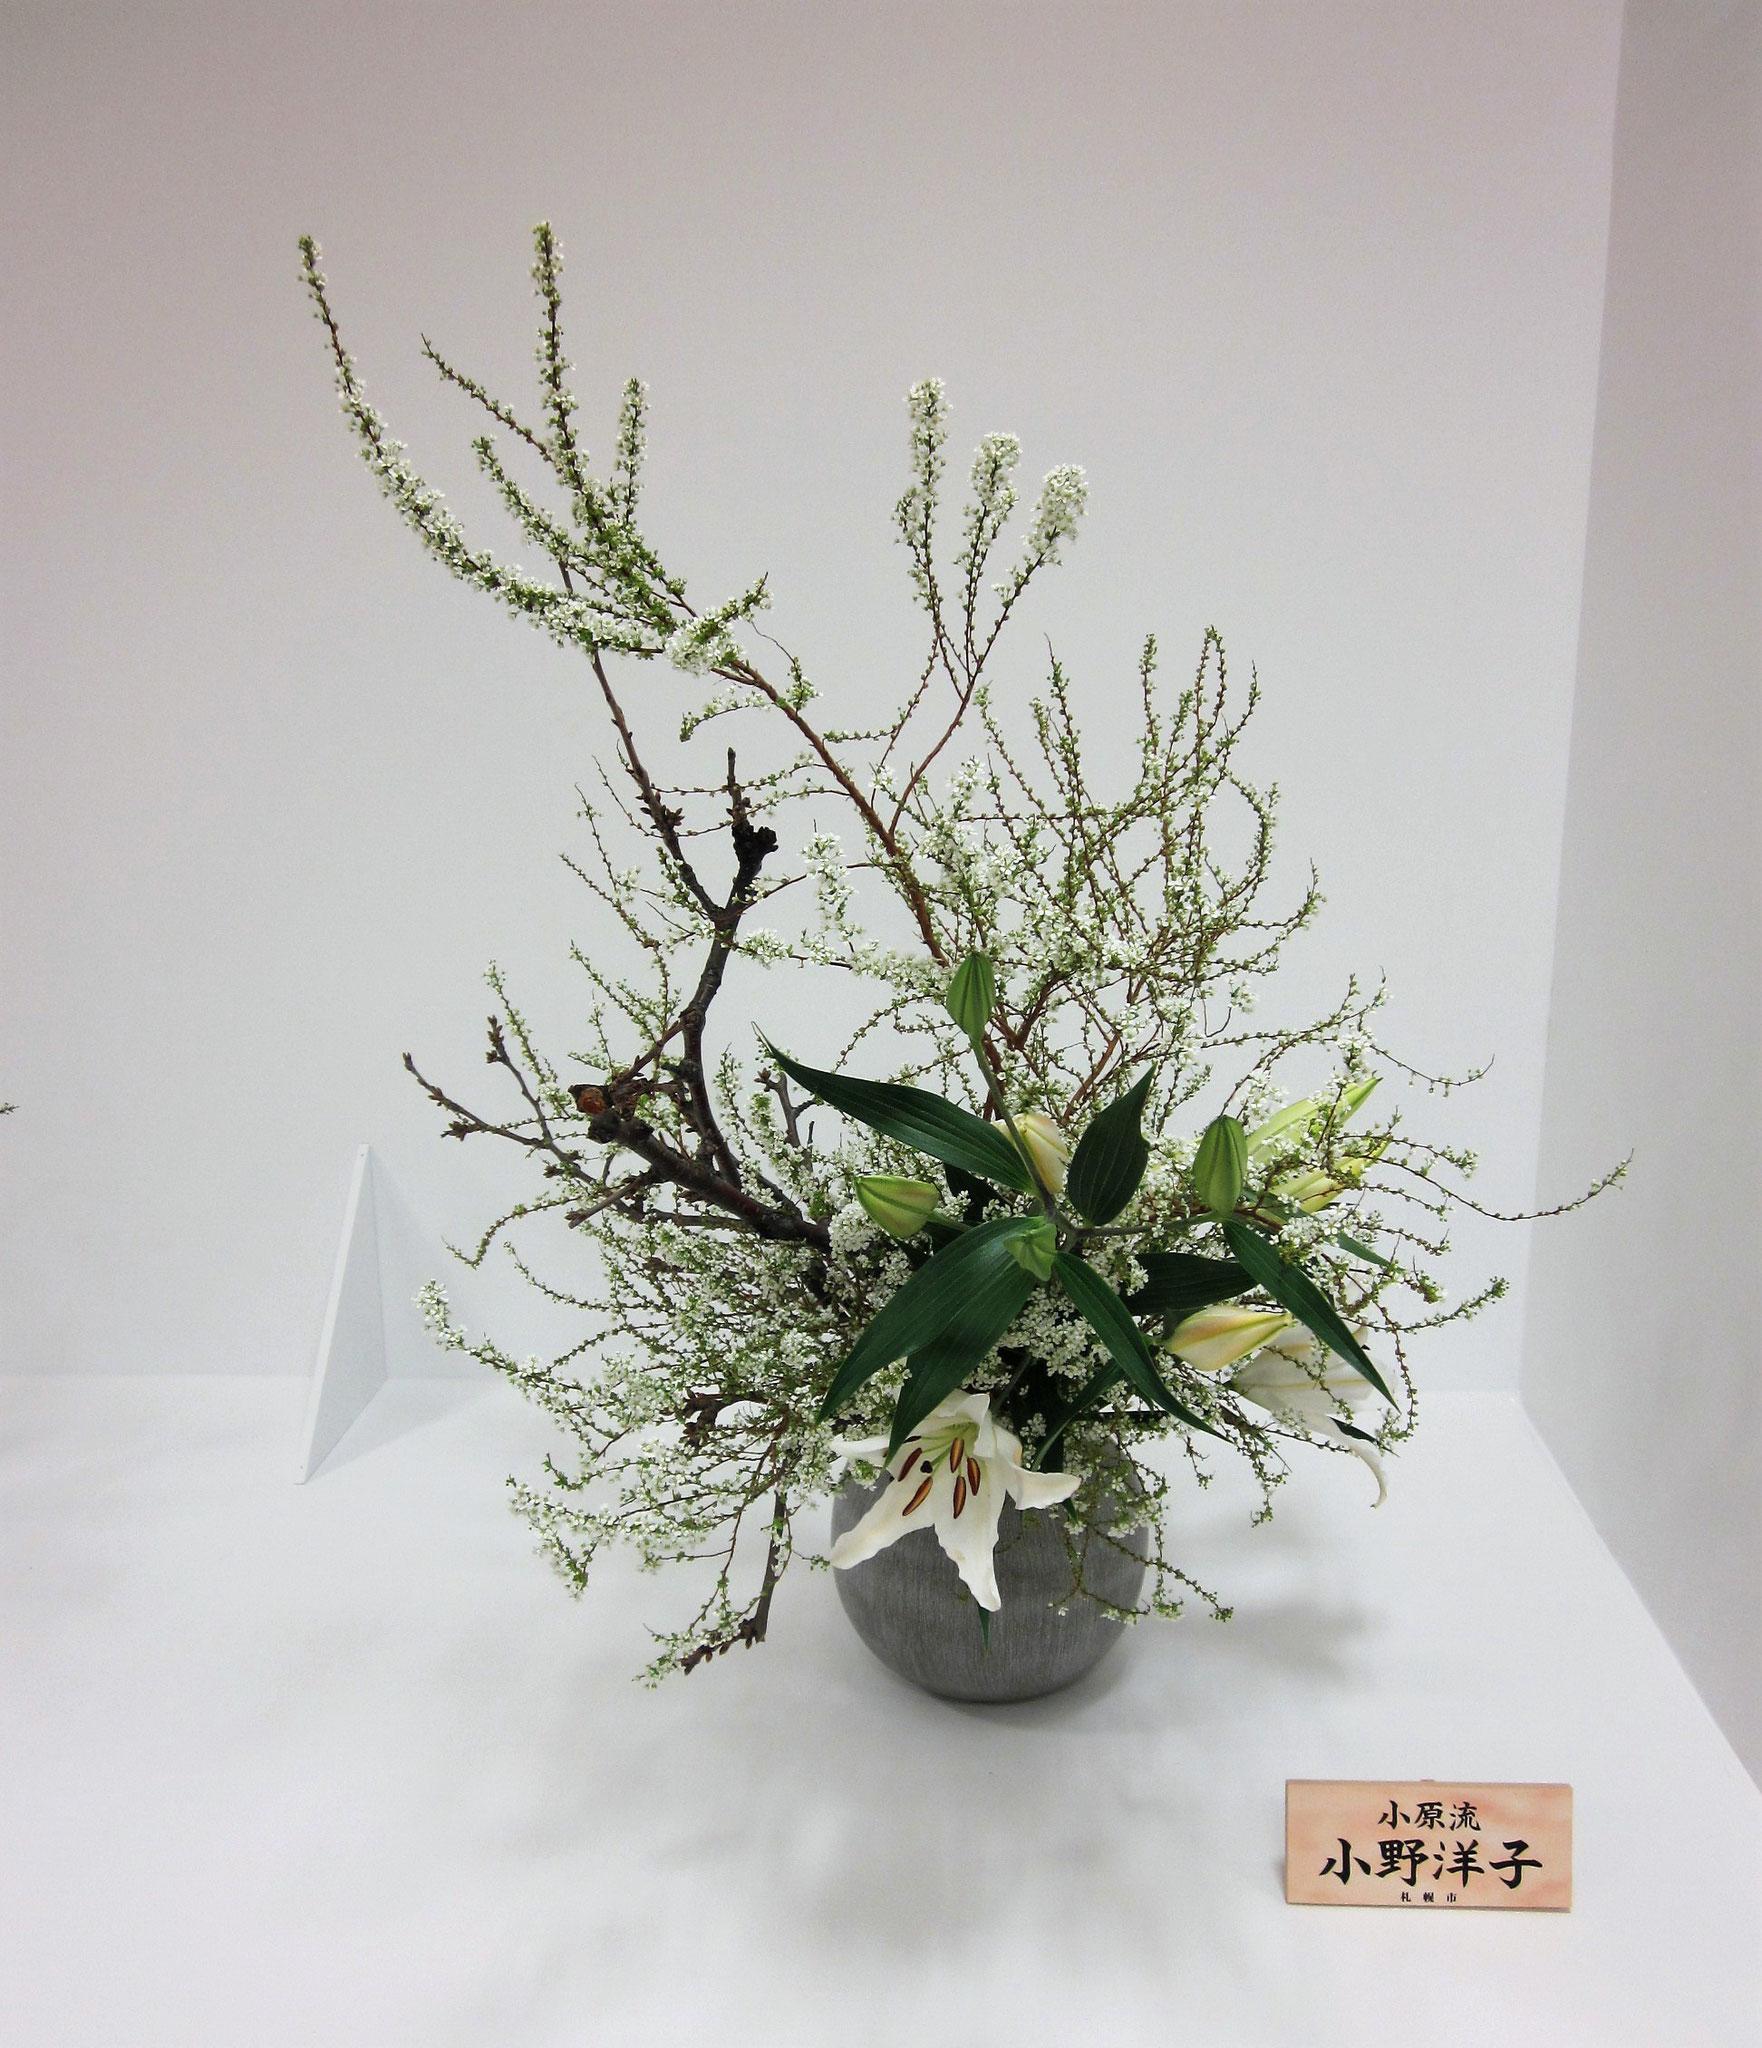 2012.4.11 北海道生け花百人展への出品作品